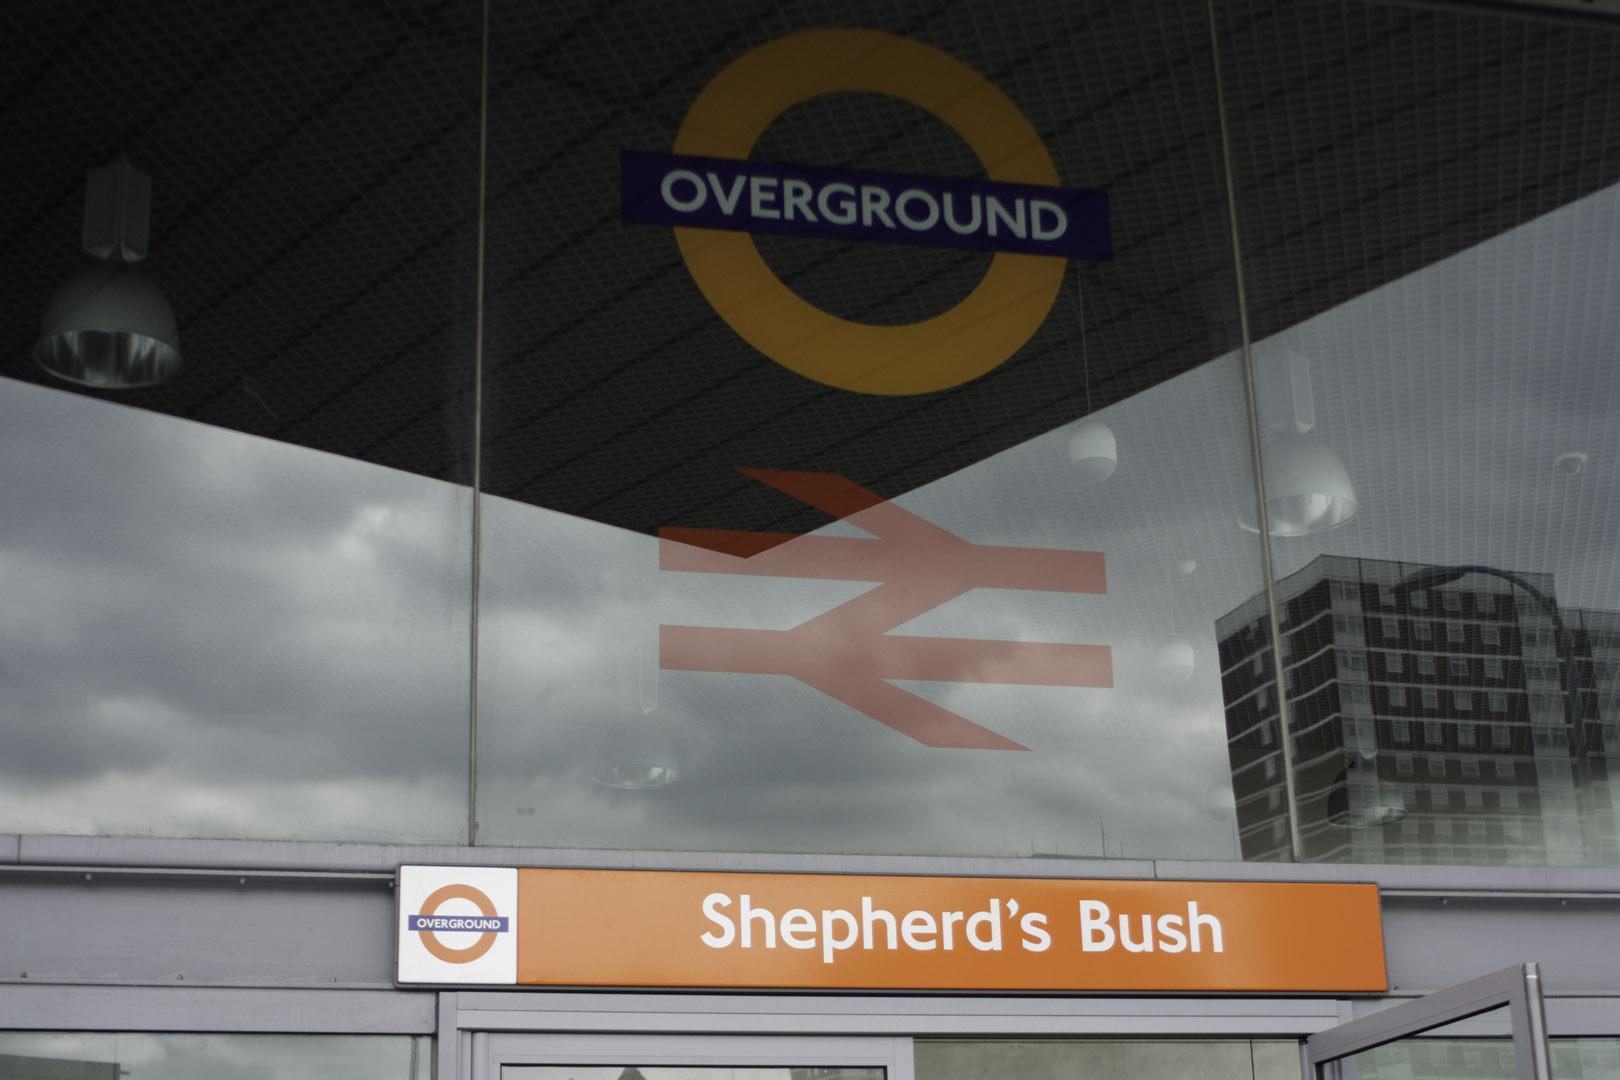 Shprdbush-overground-2011.jpg